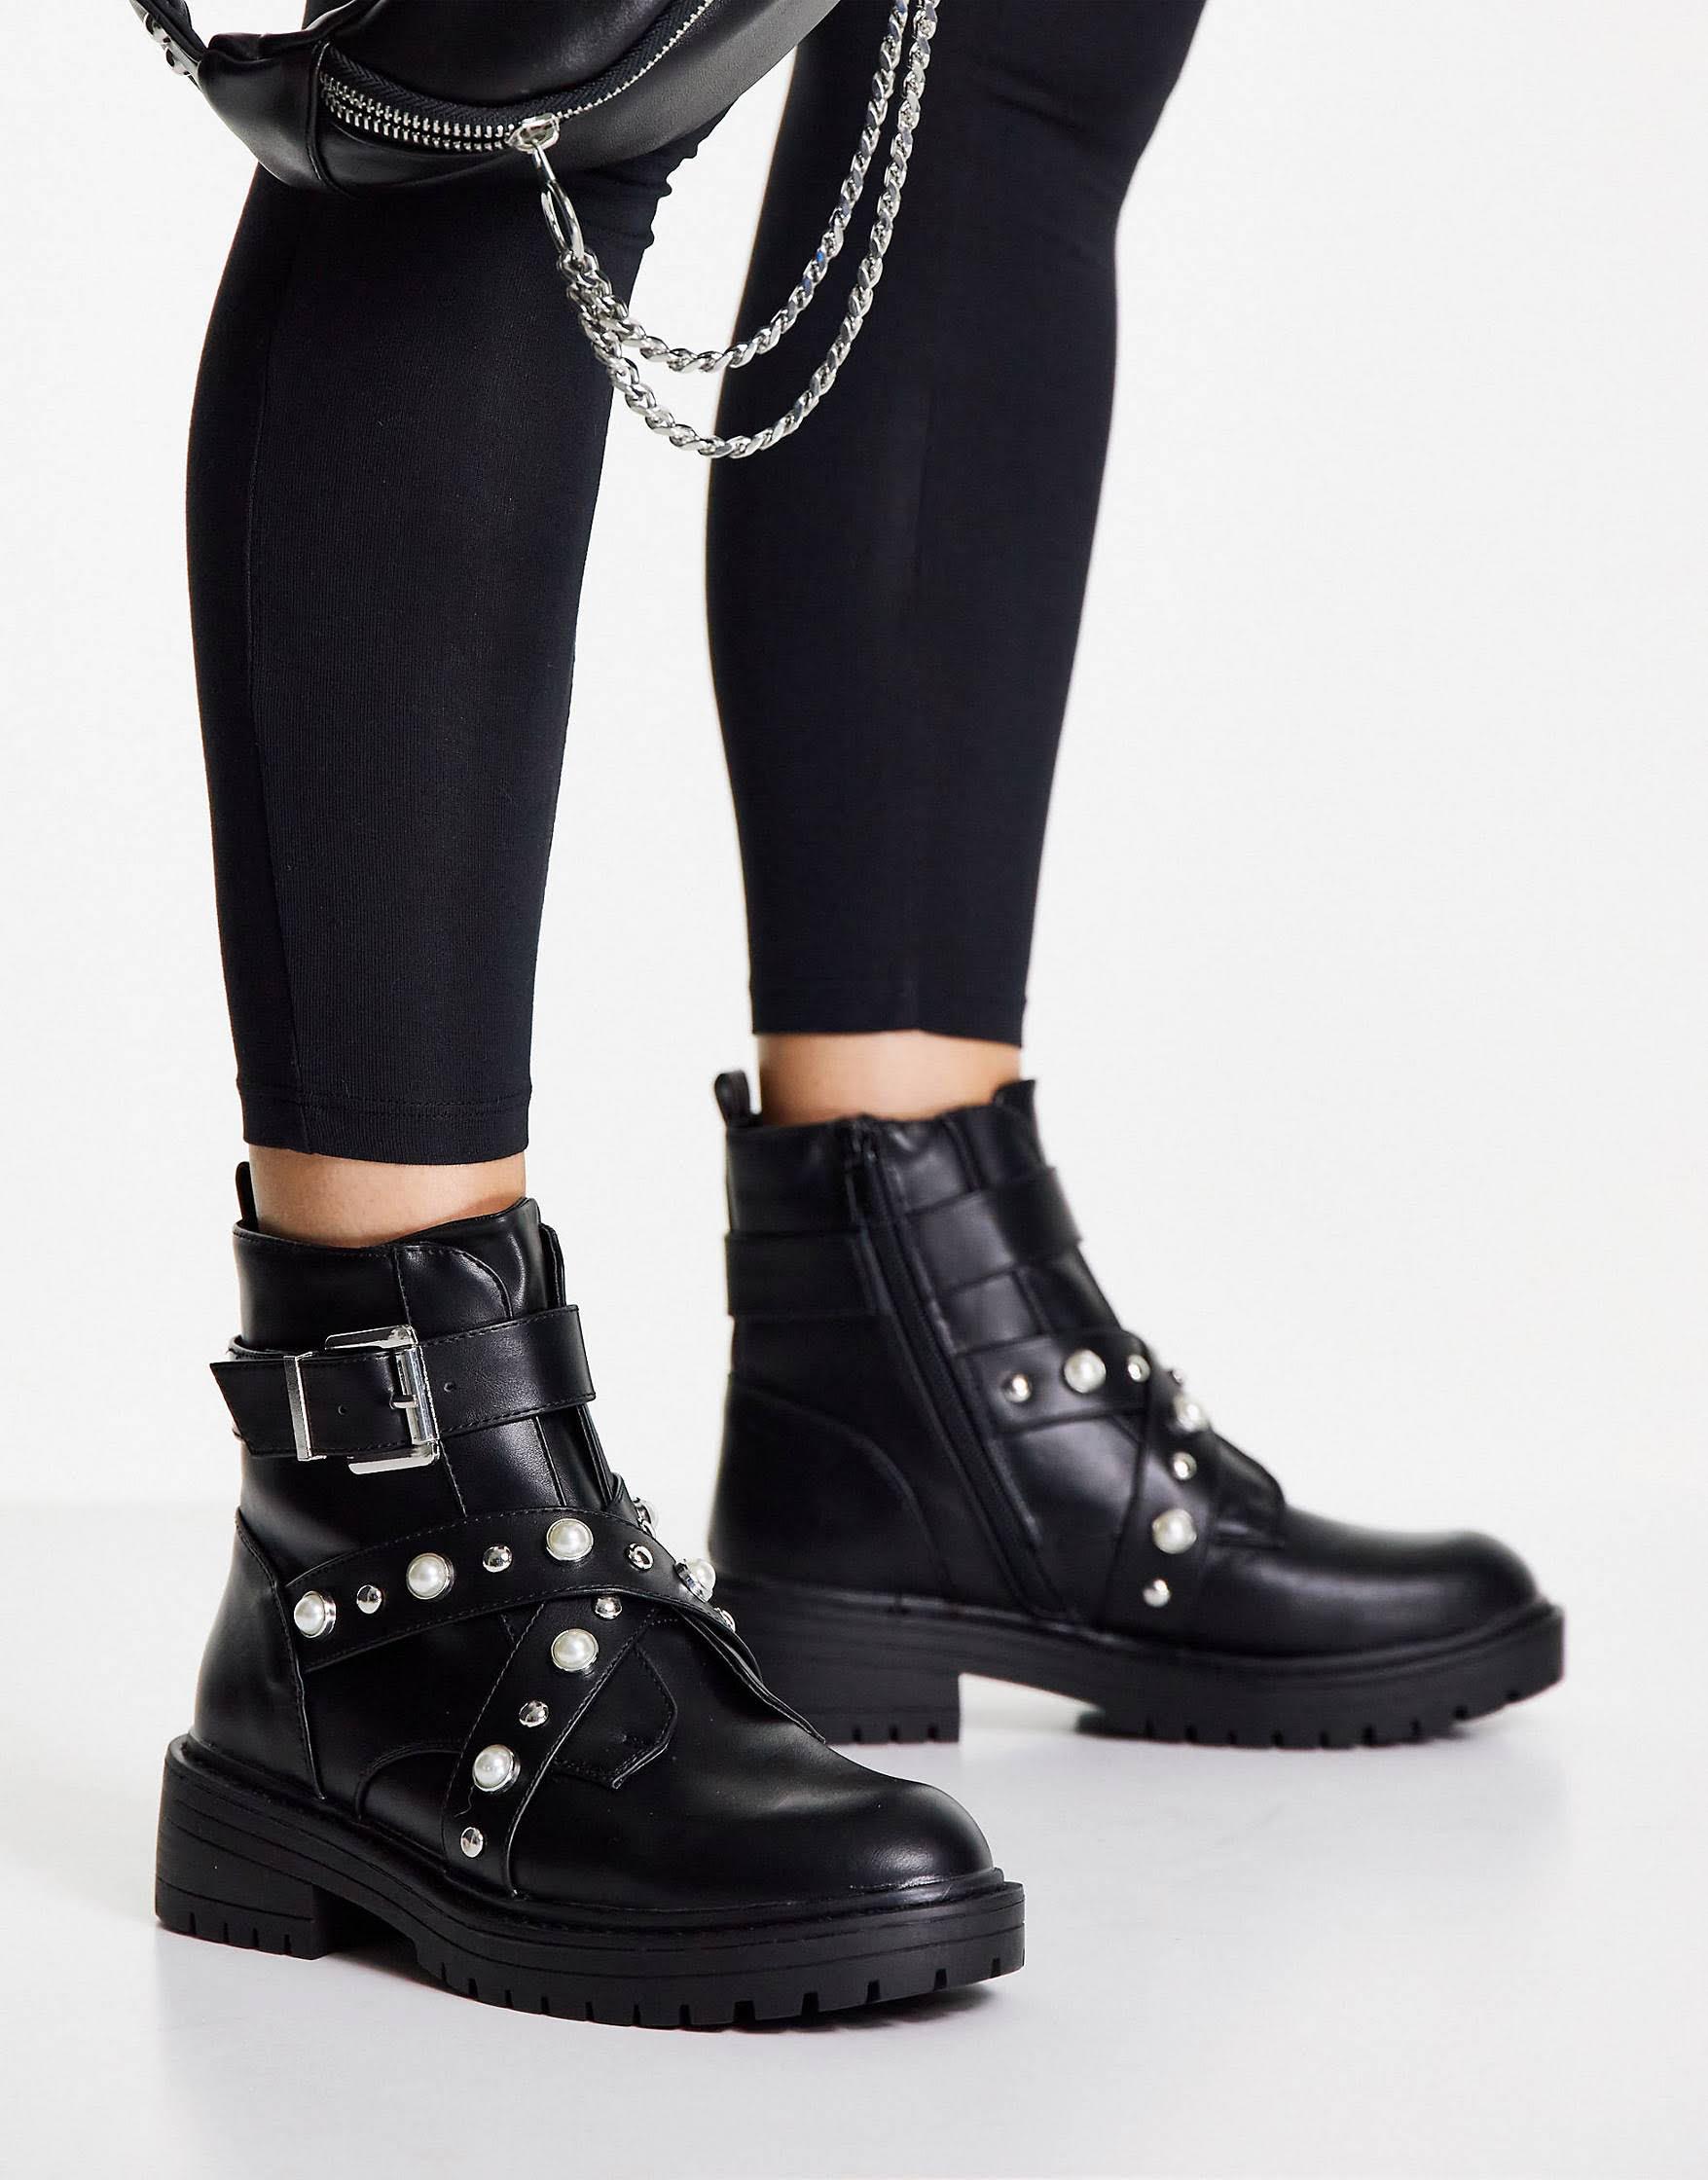 Botas negras con tachuelas de perlas de New Look